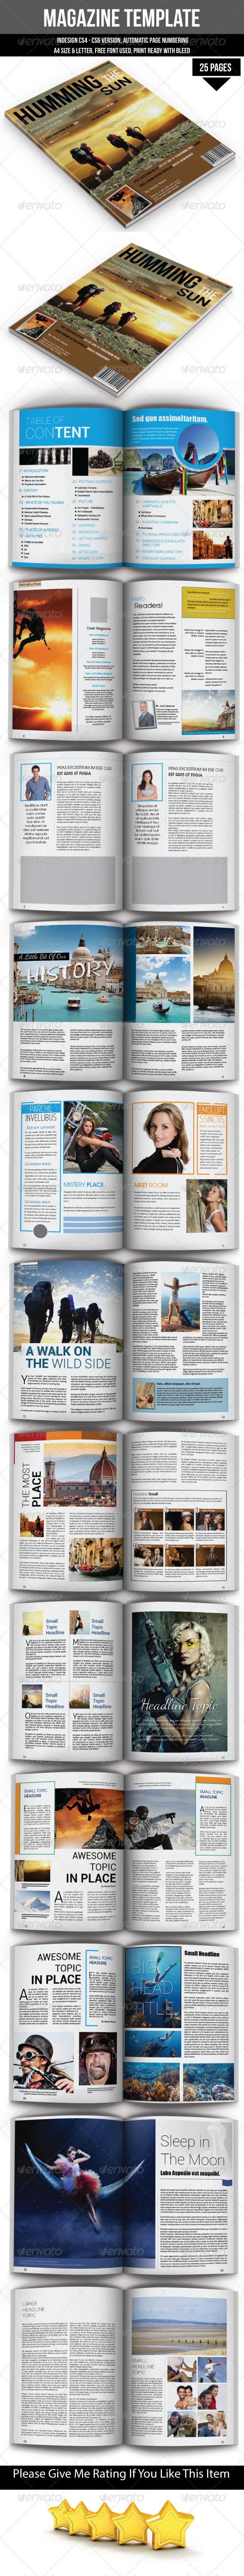 GraphicRiver Magazine Template 6686585